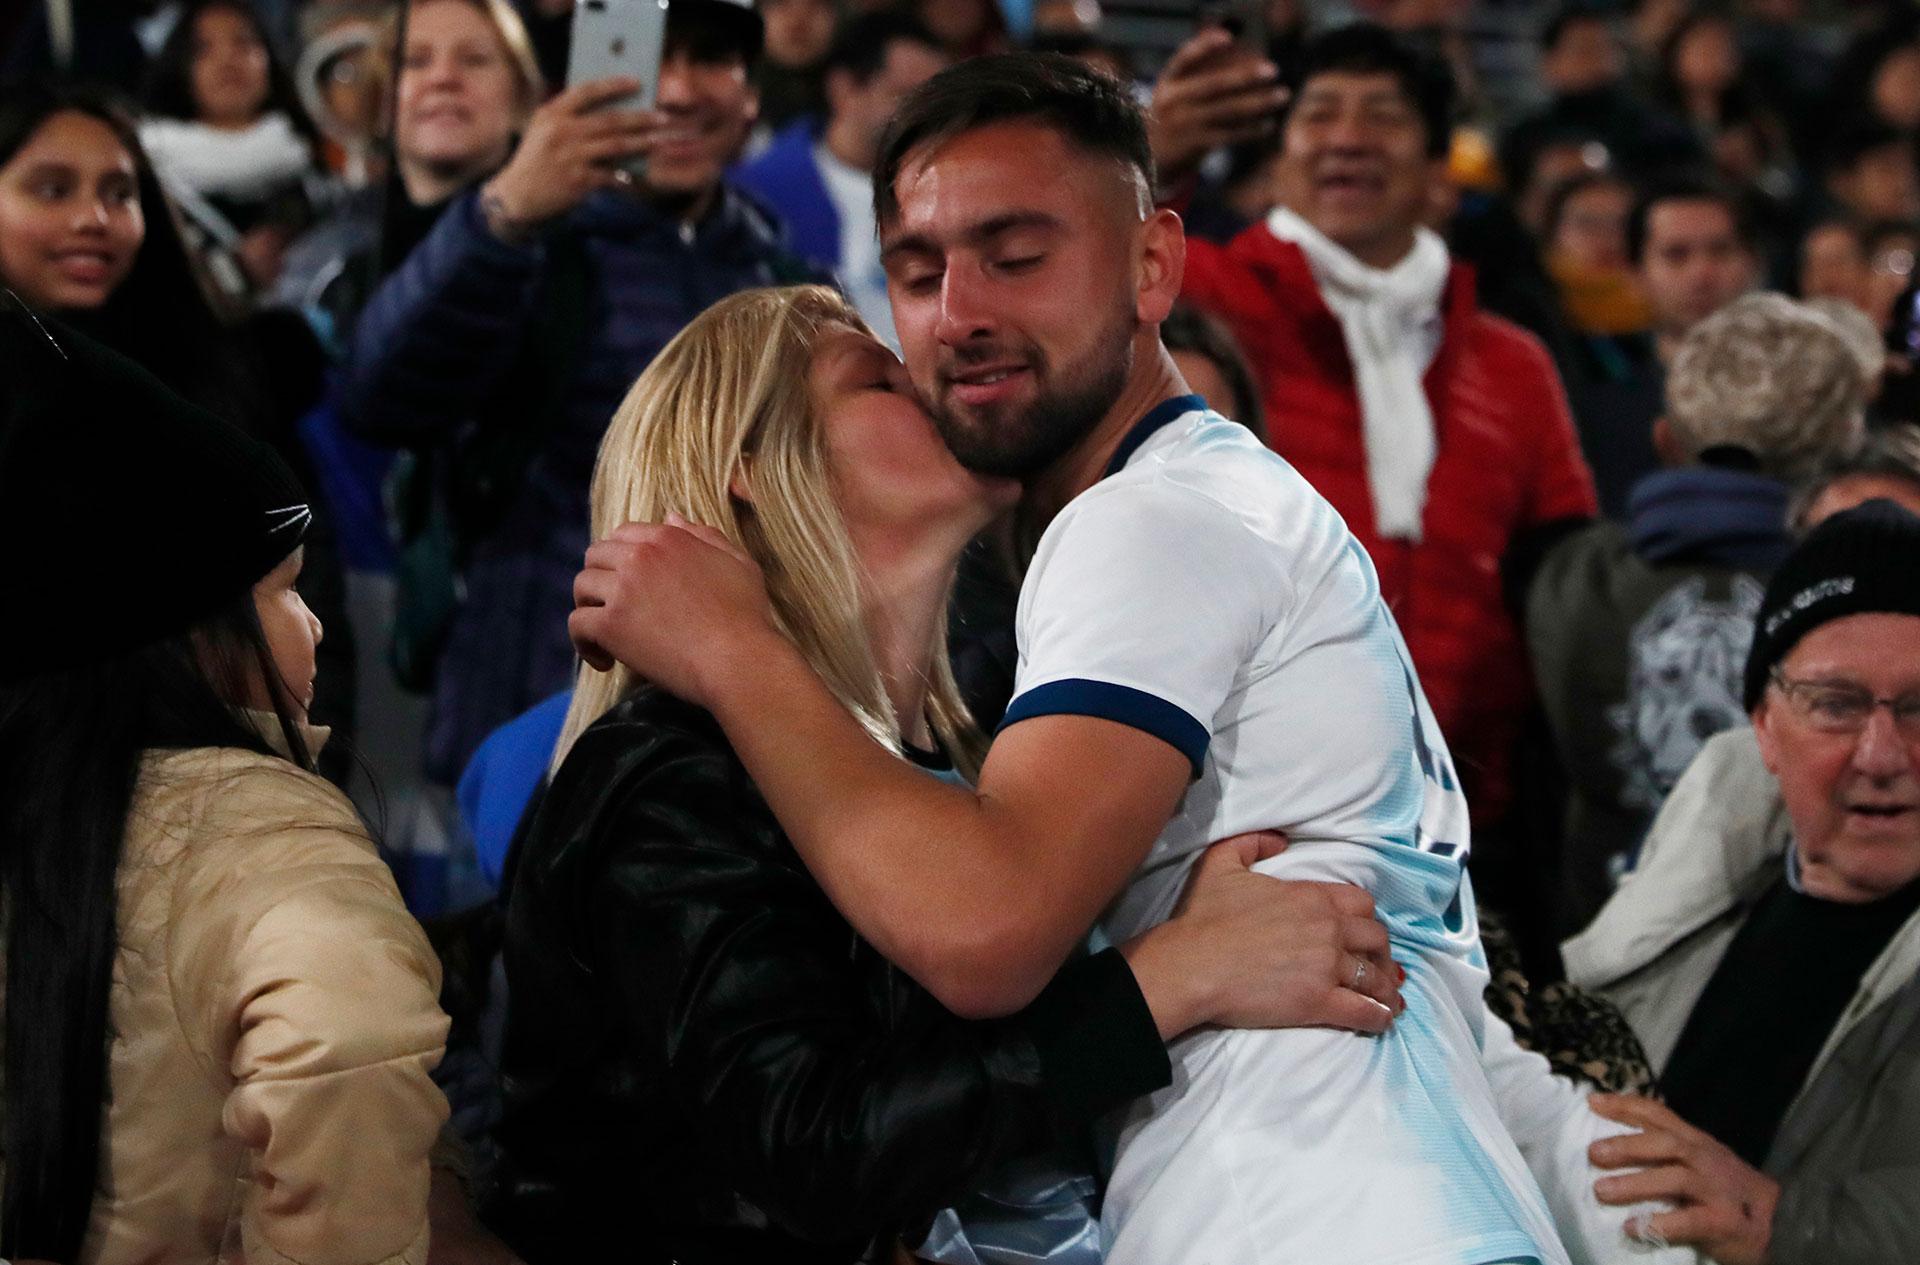 El futbolista argentino Nicolás Demartini recibe el beso de su madre tras ganar la medalla dorada